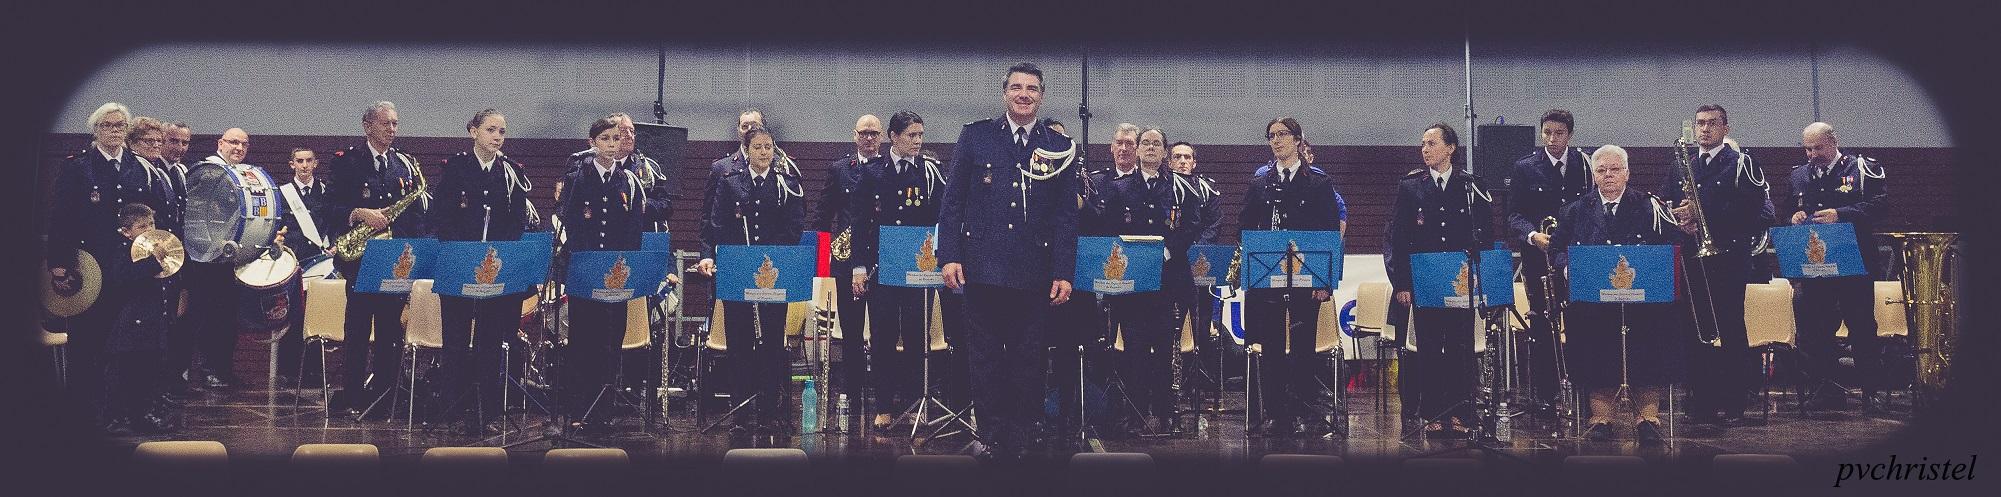 La Musique des Sapeurs Pompiers de Brignoles lors d'un concert à Manosque, le 31 janvier 2016